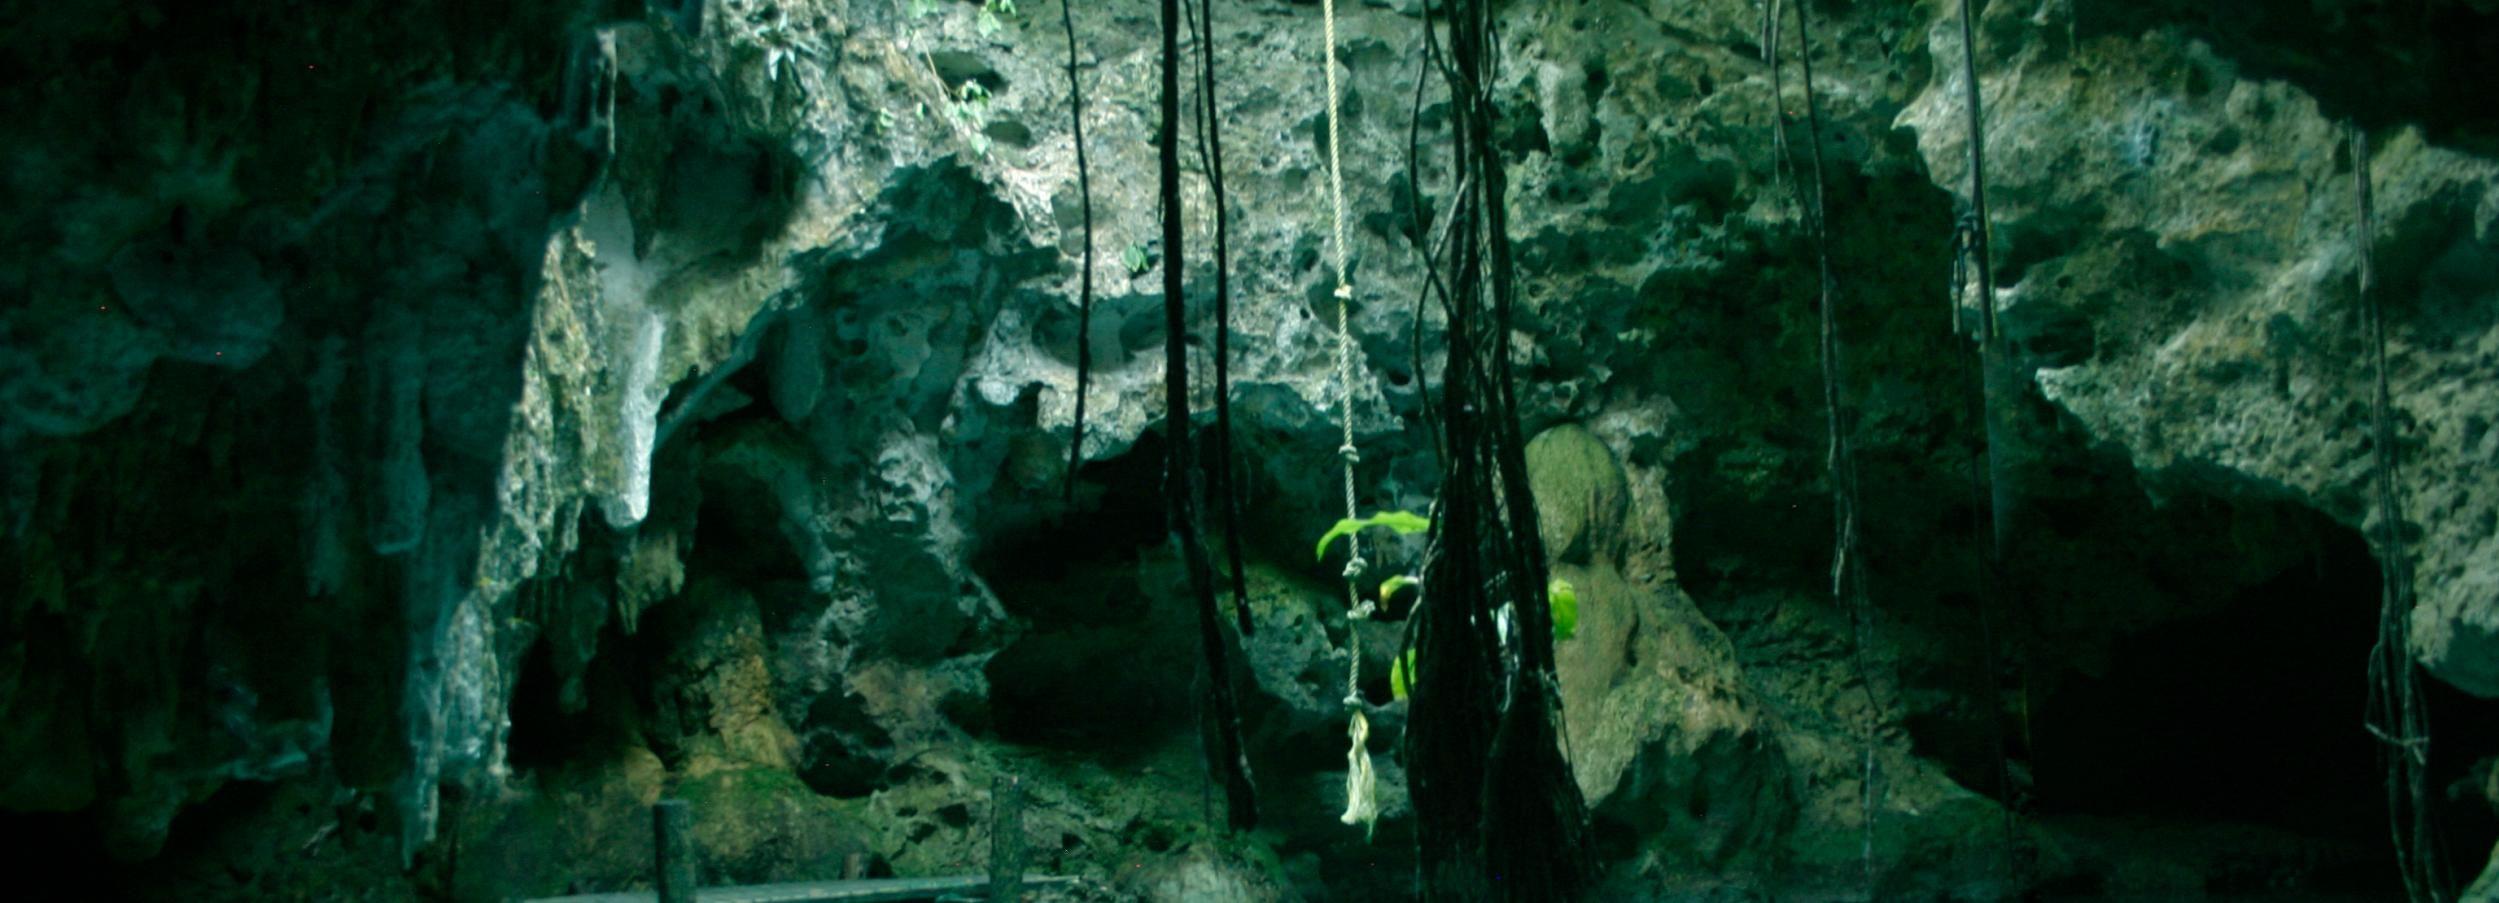 Tour de 1/2 día esnórquel y cenotes subterráneos desde Tulum